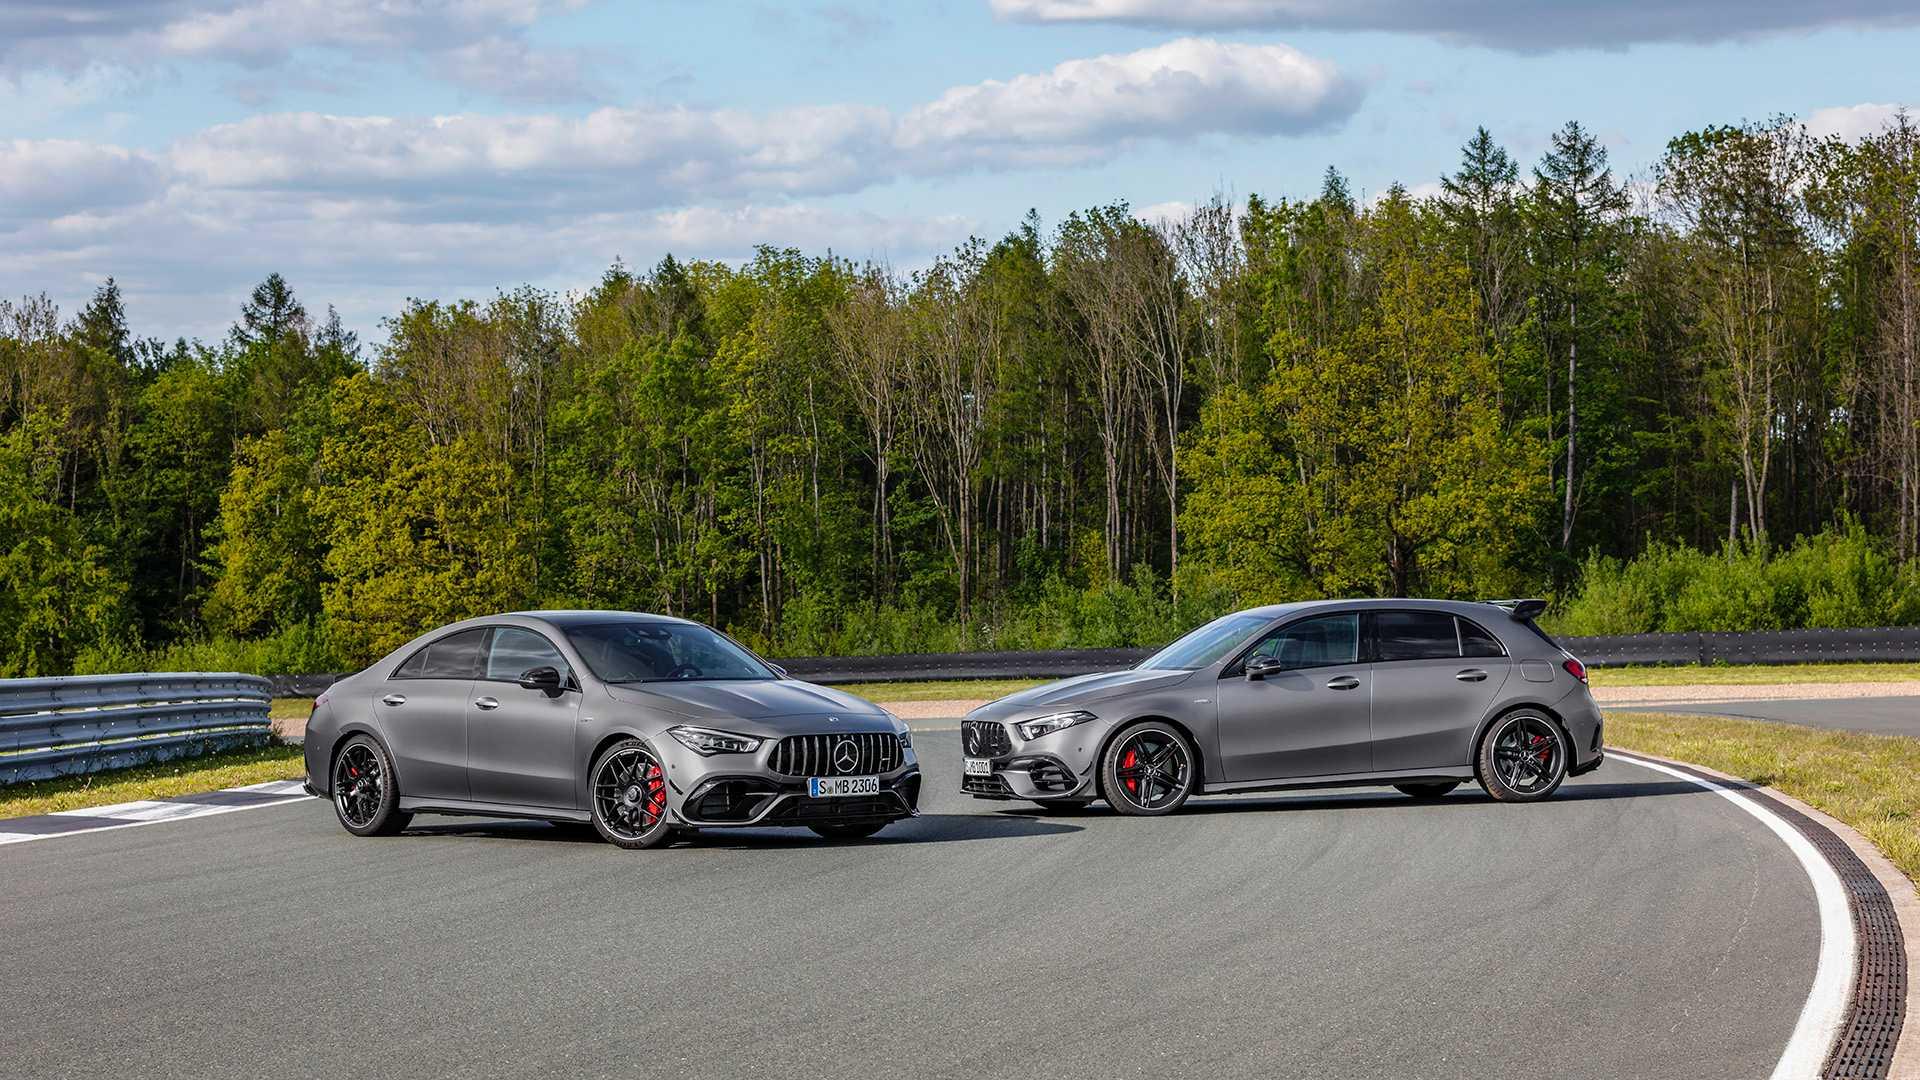 Mercedes представил самый быстрый в мире заряженный хетчбэк